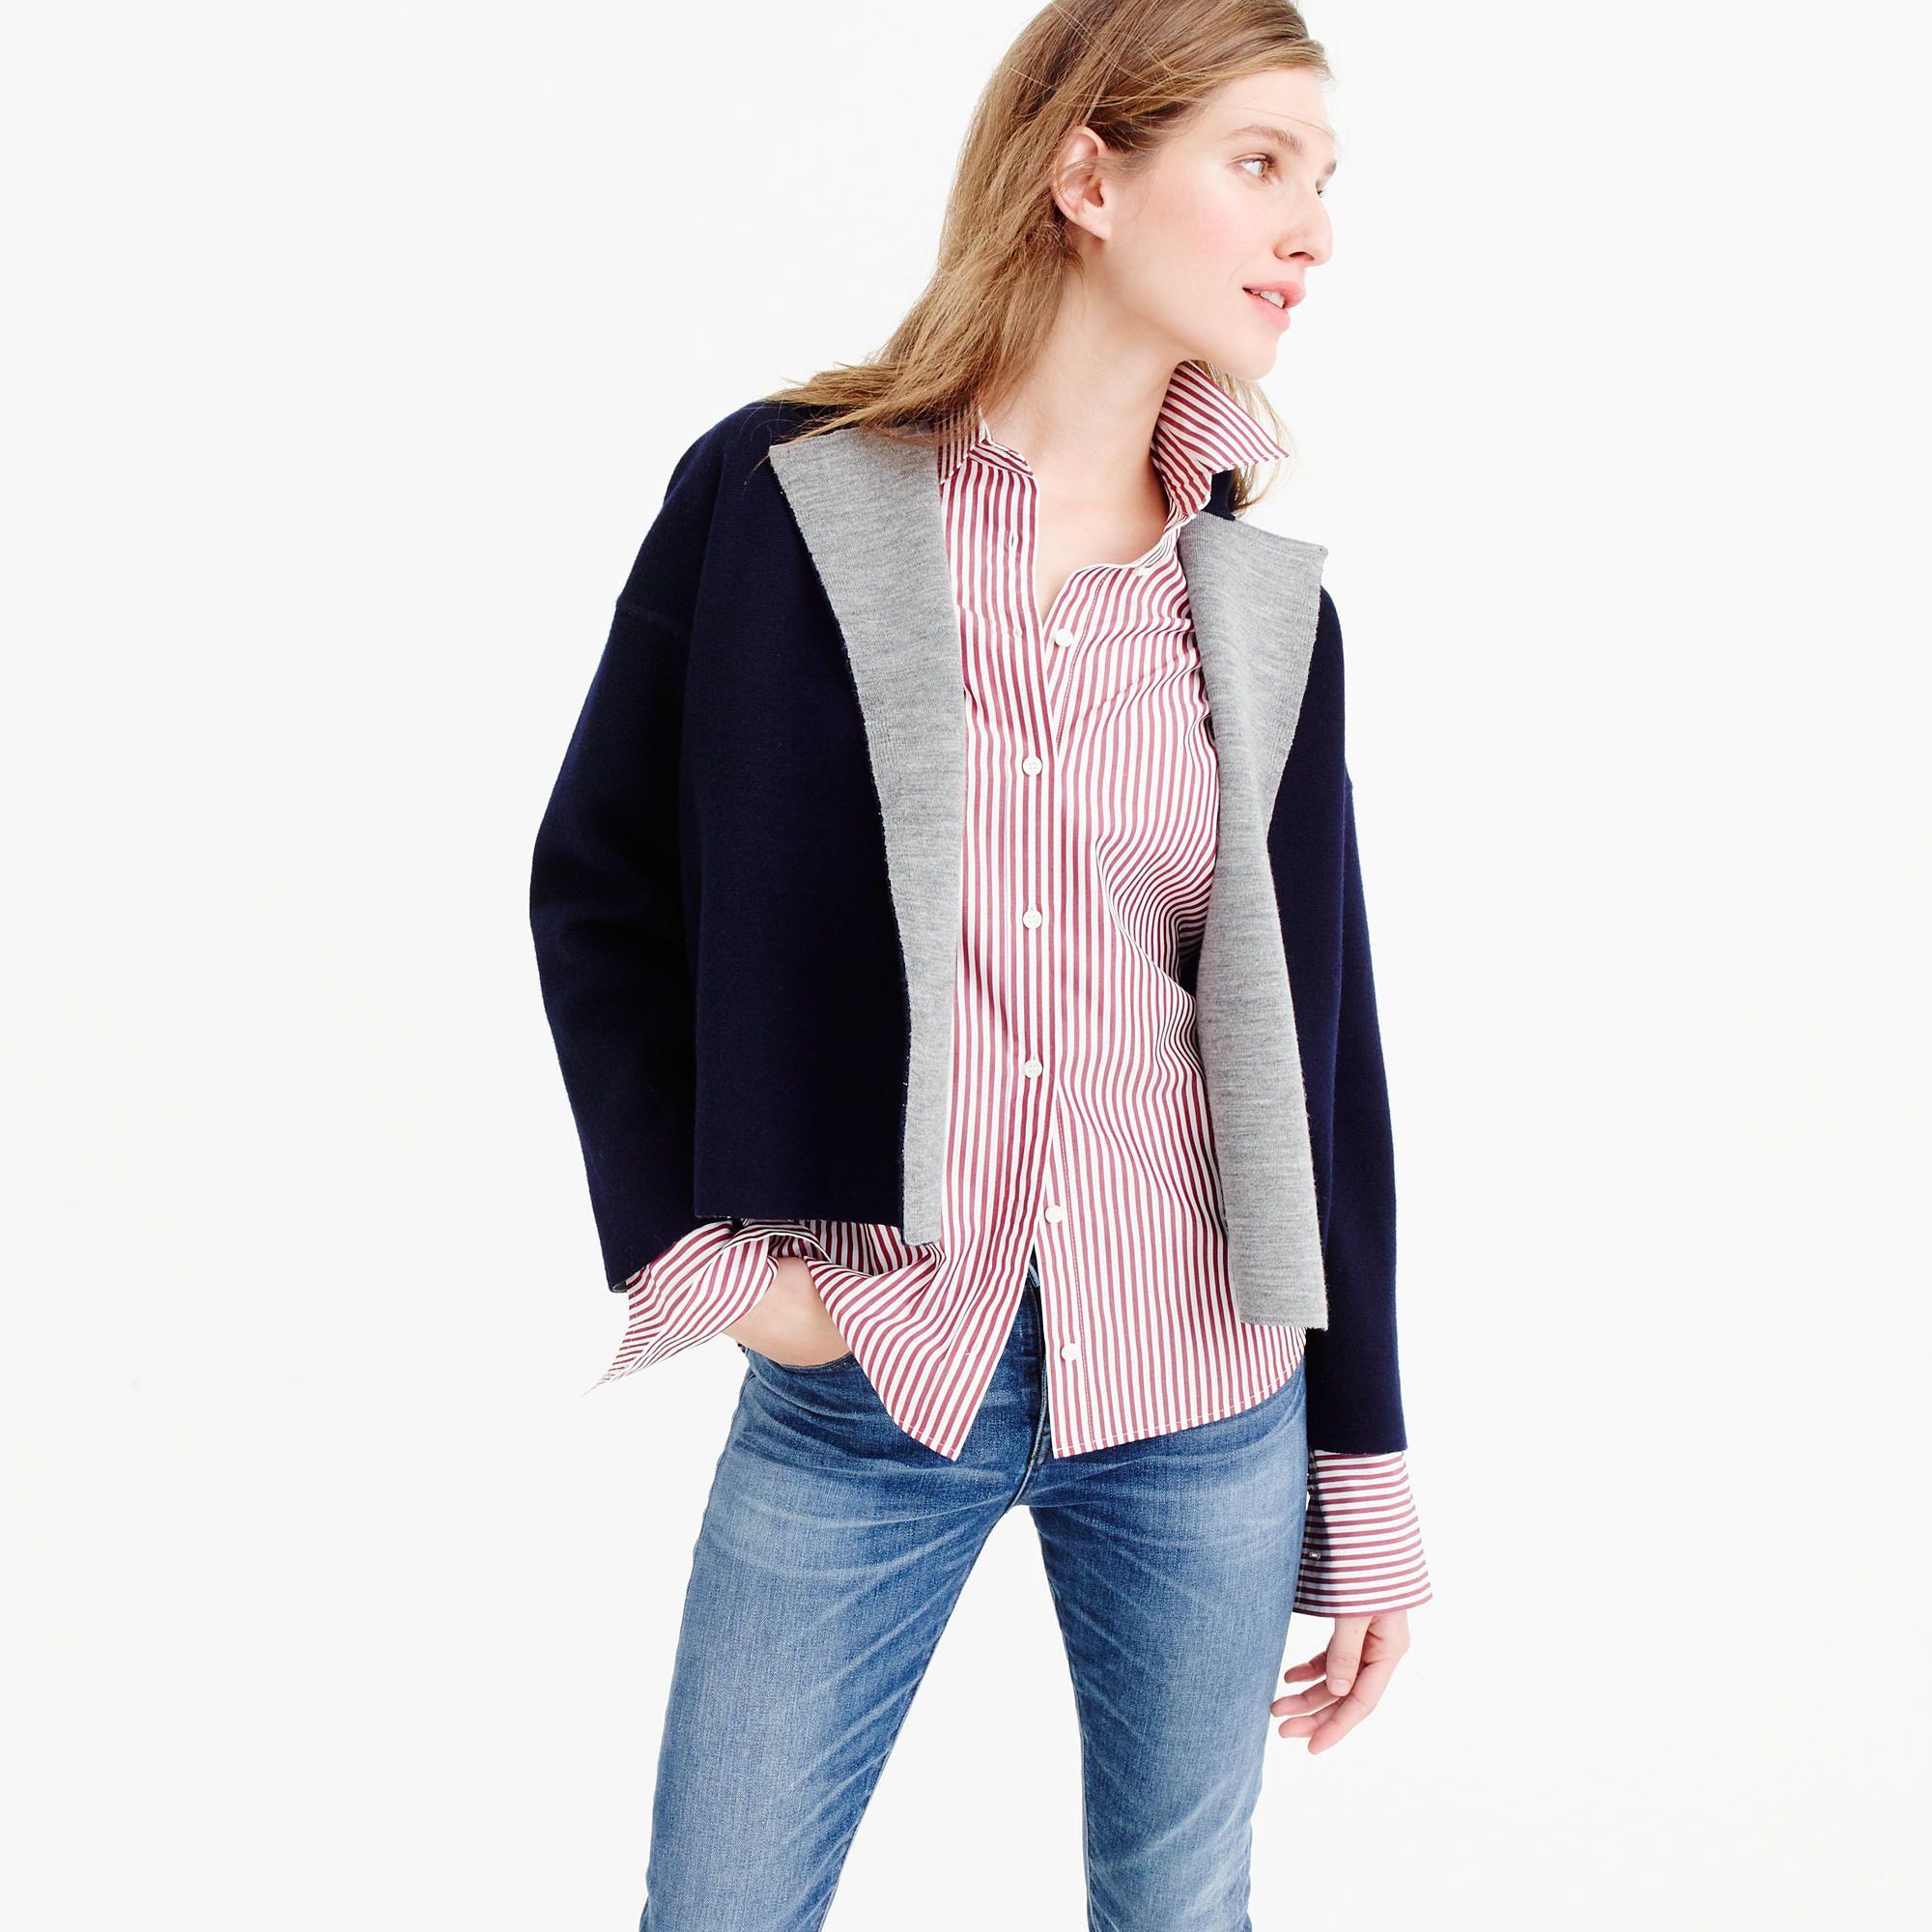 Reversible sweater-jacket : Cardigans & Shells | J.Crew | knitwear ...